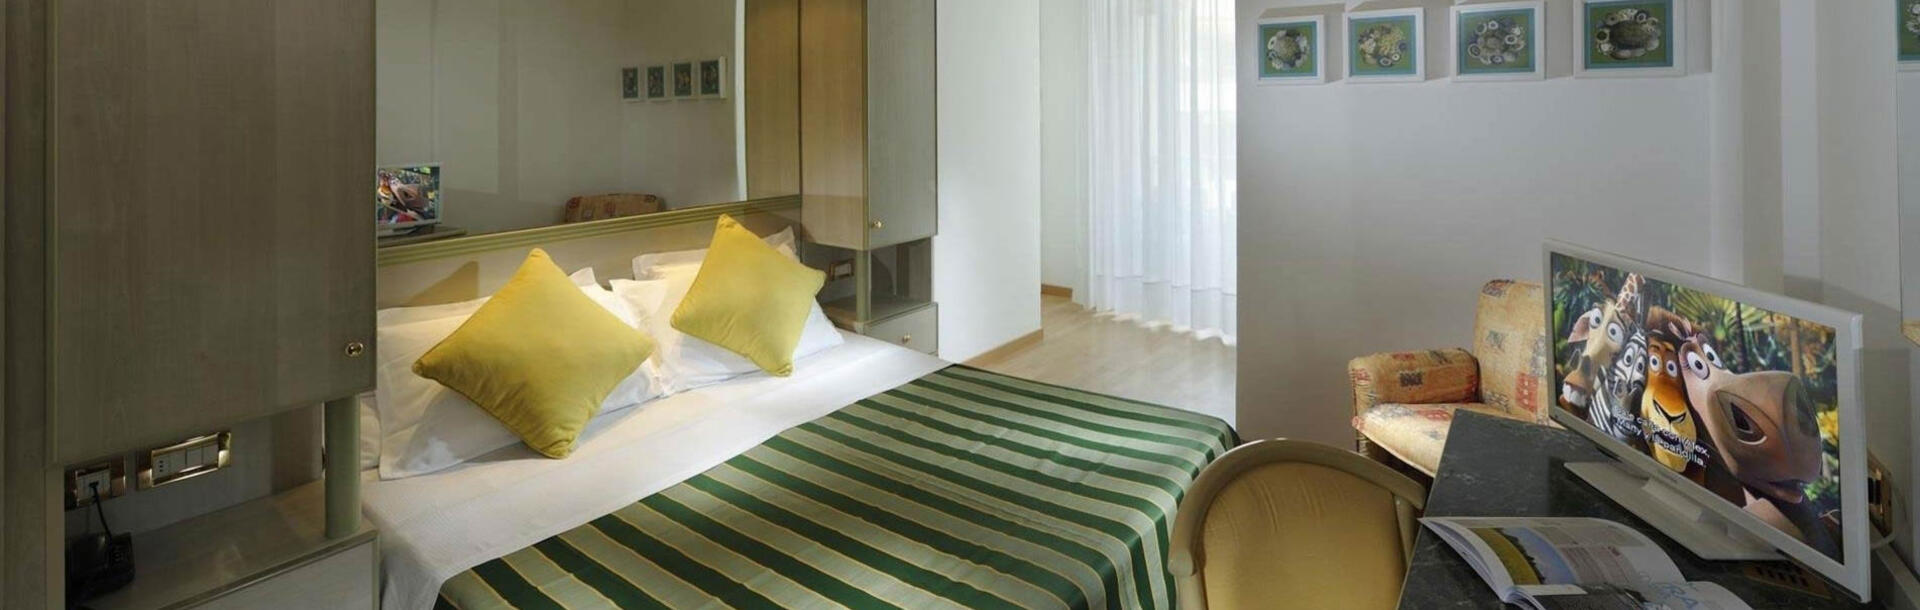 hotel-montecarlo en family-room-bibione 014